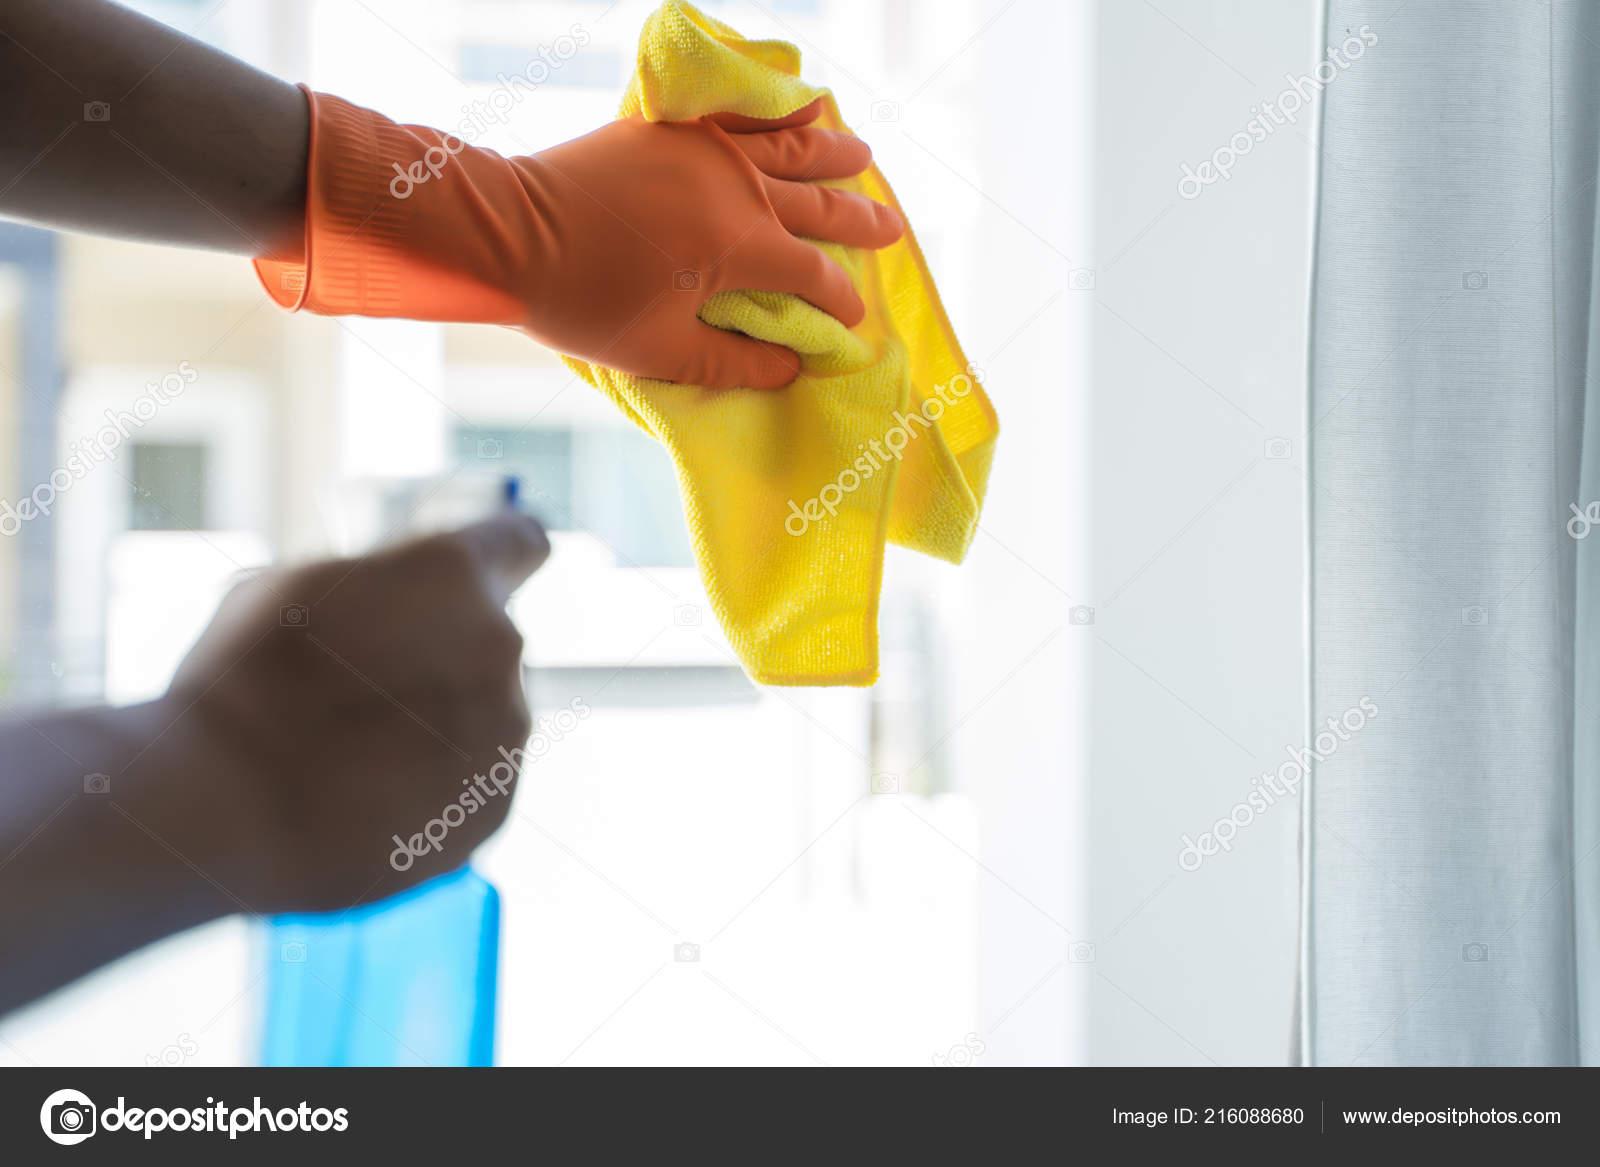 Reinigung Firma Konzept Mann Reinigung Der Fenster Stockfoto